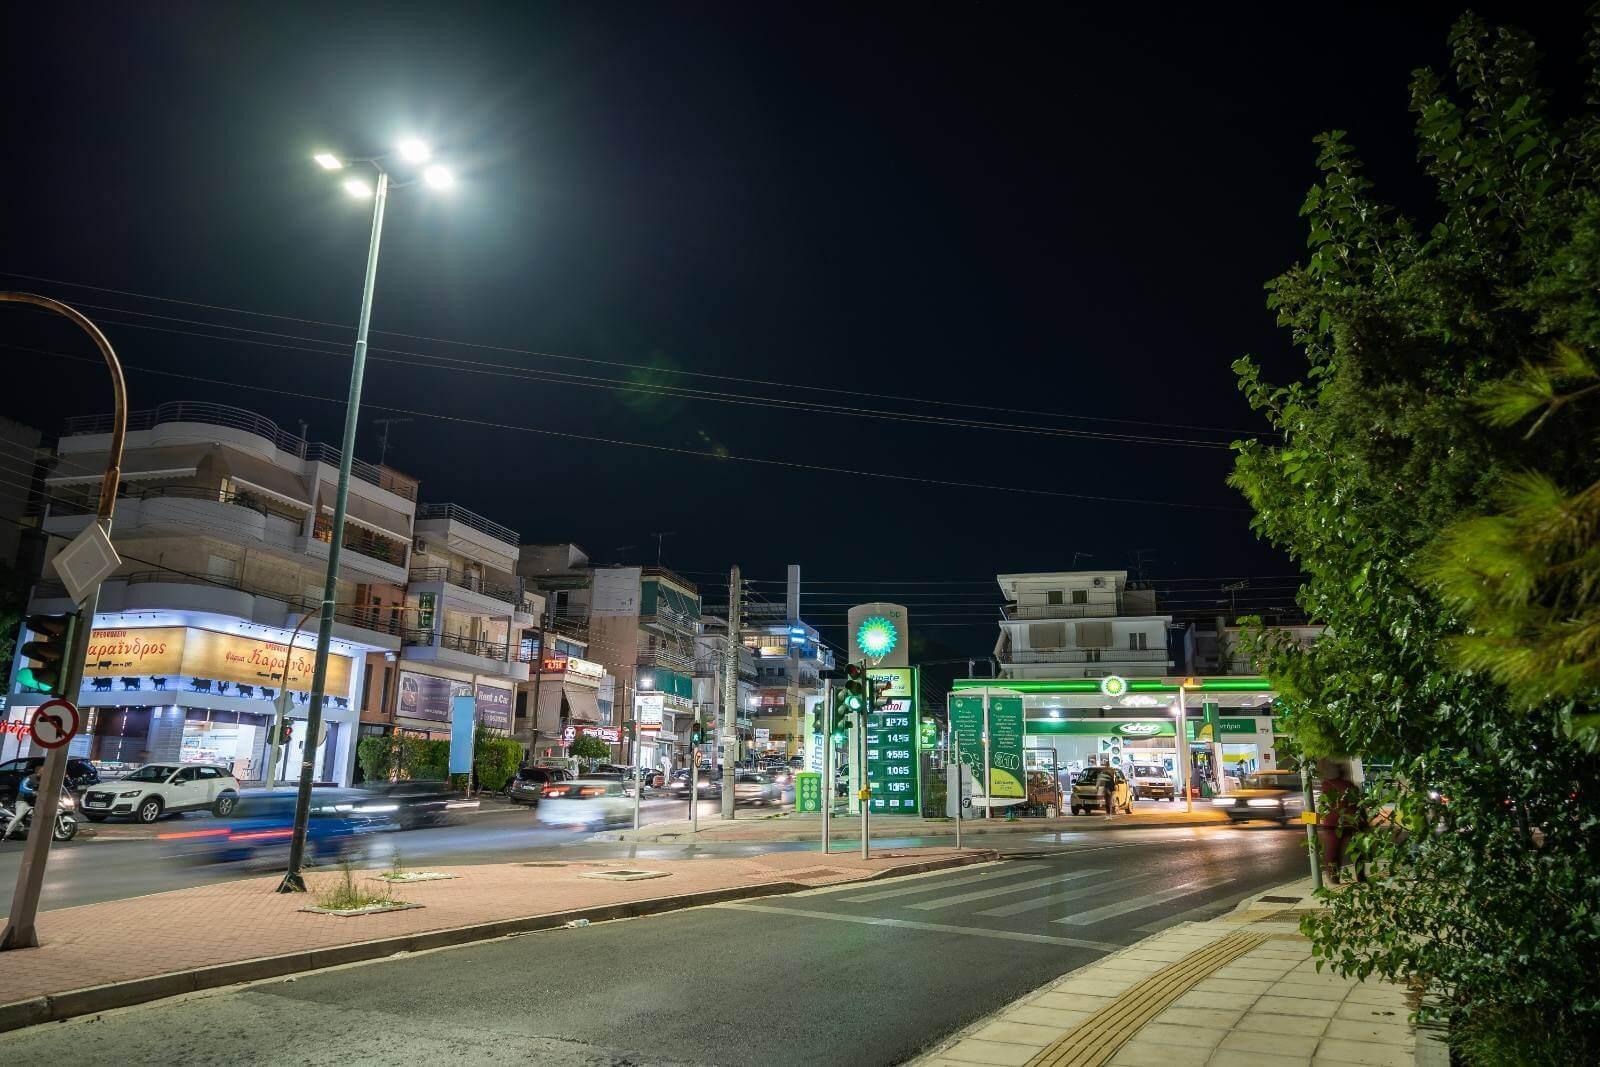 Η Γλυφάδα λάμπει με 7.950 φωτιστικά LED τελευταίας γενιάς!